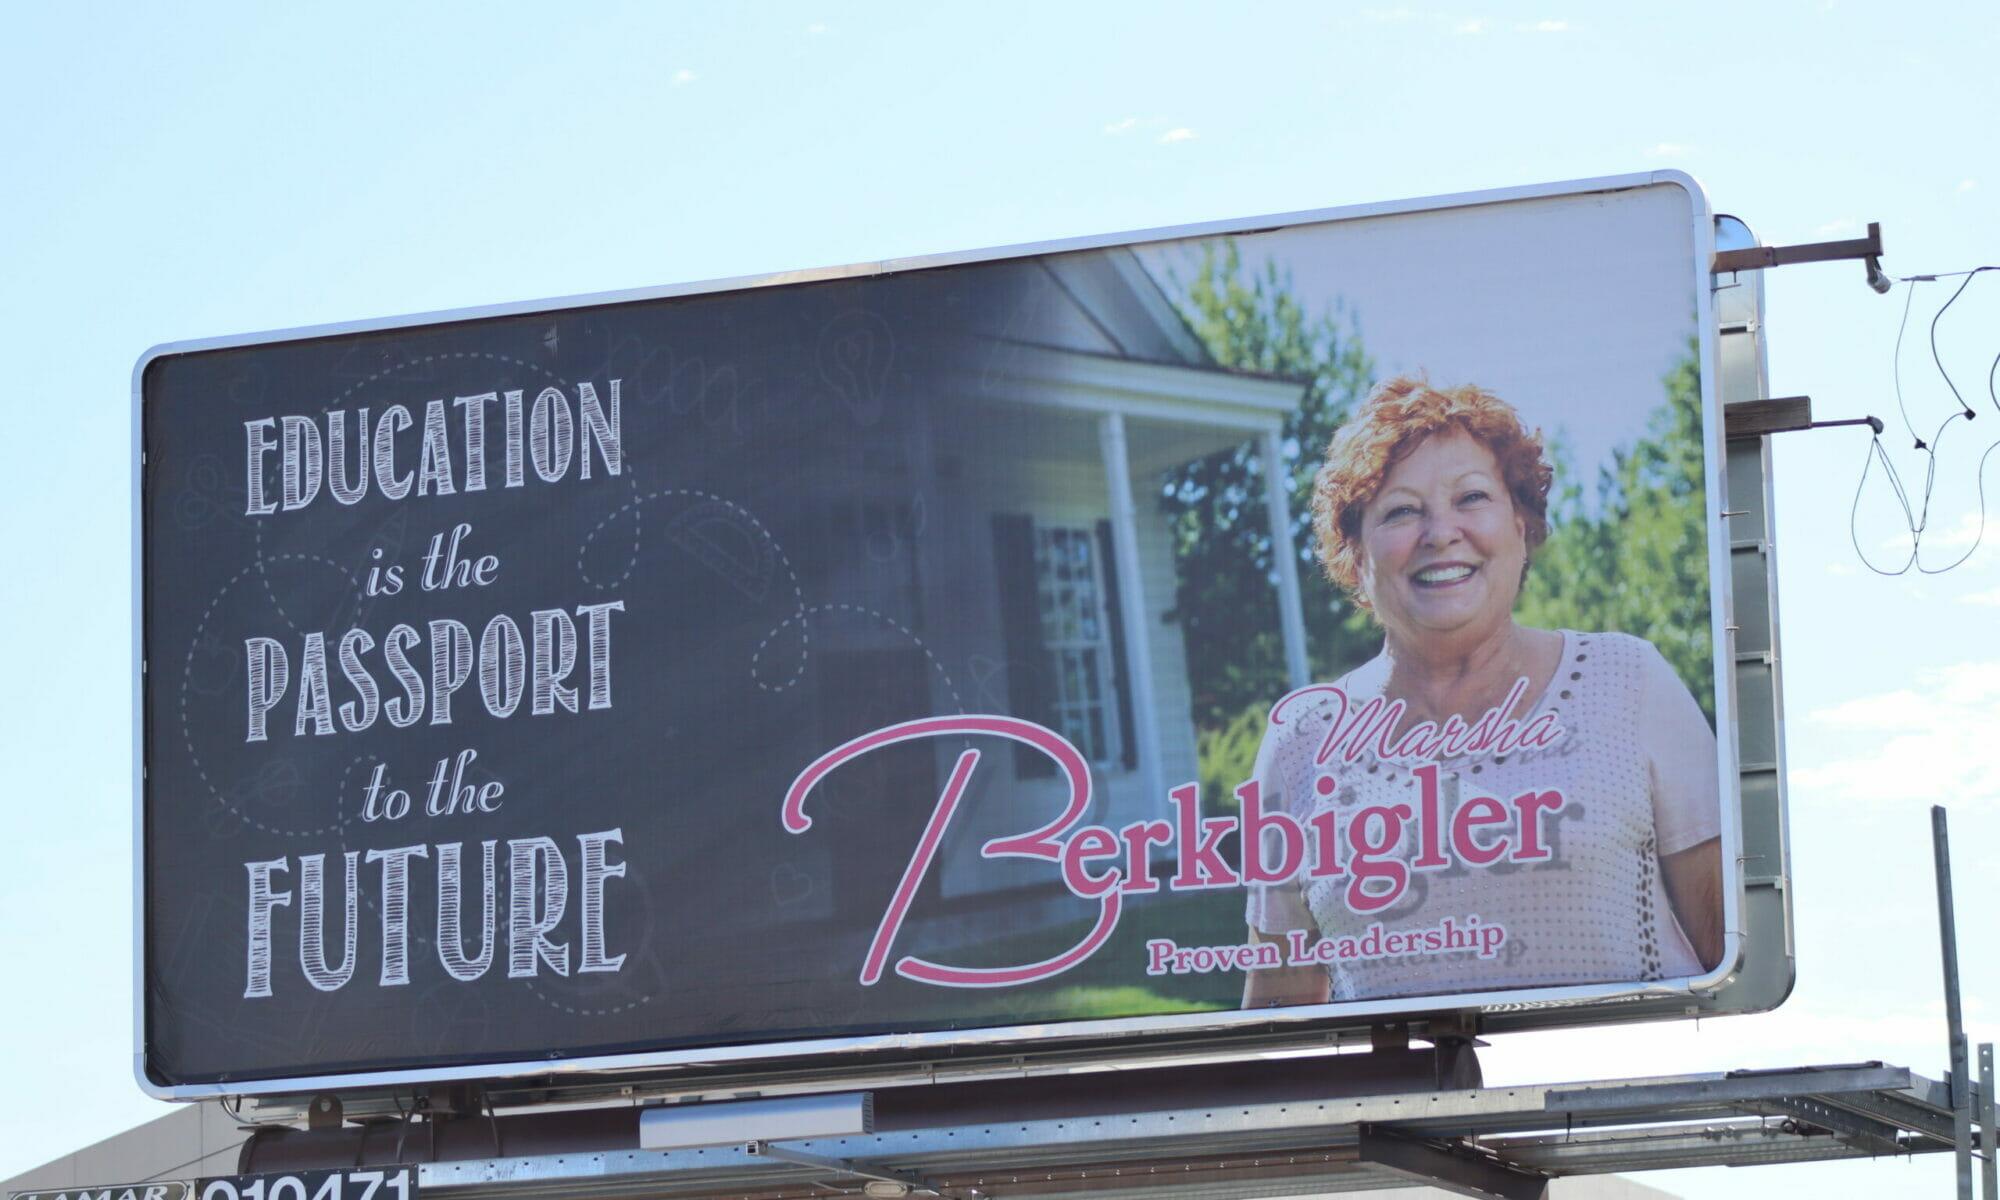 Billboard for Marsha Berkbigler